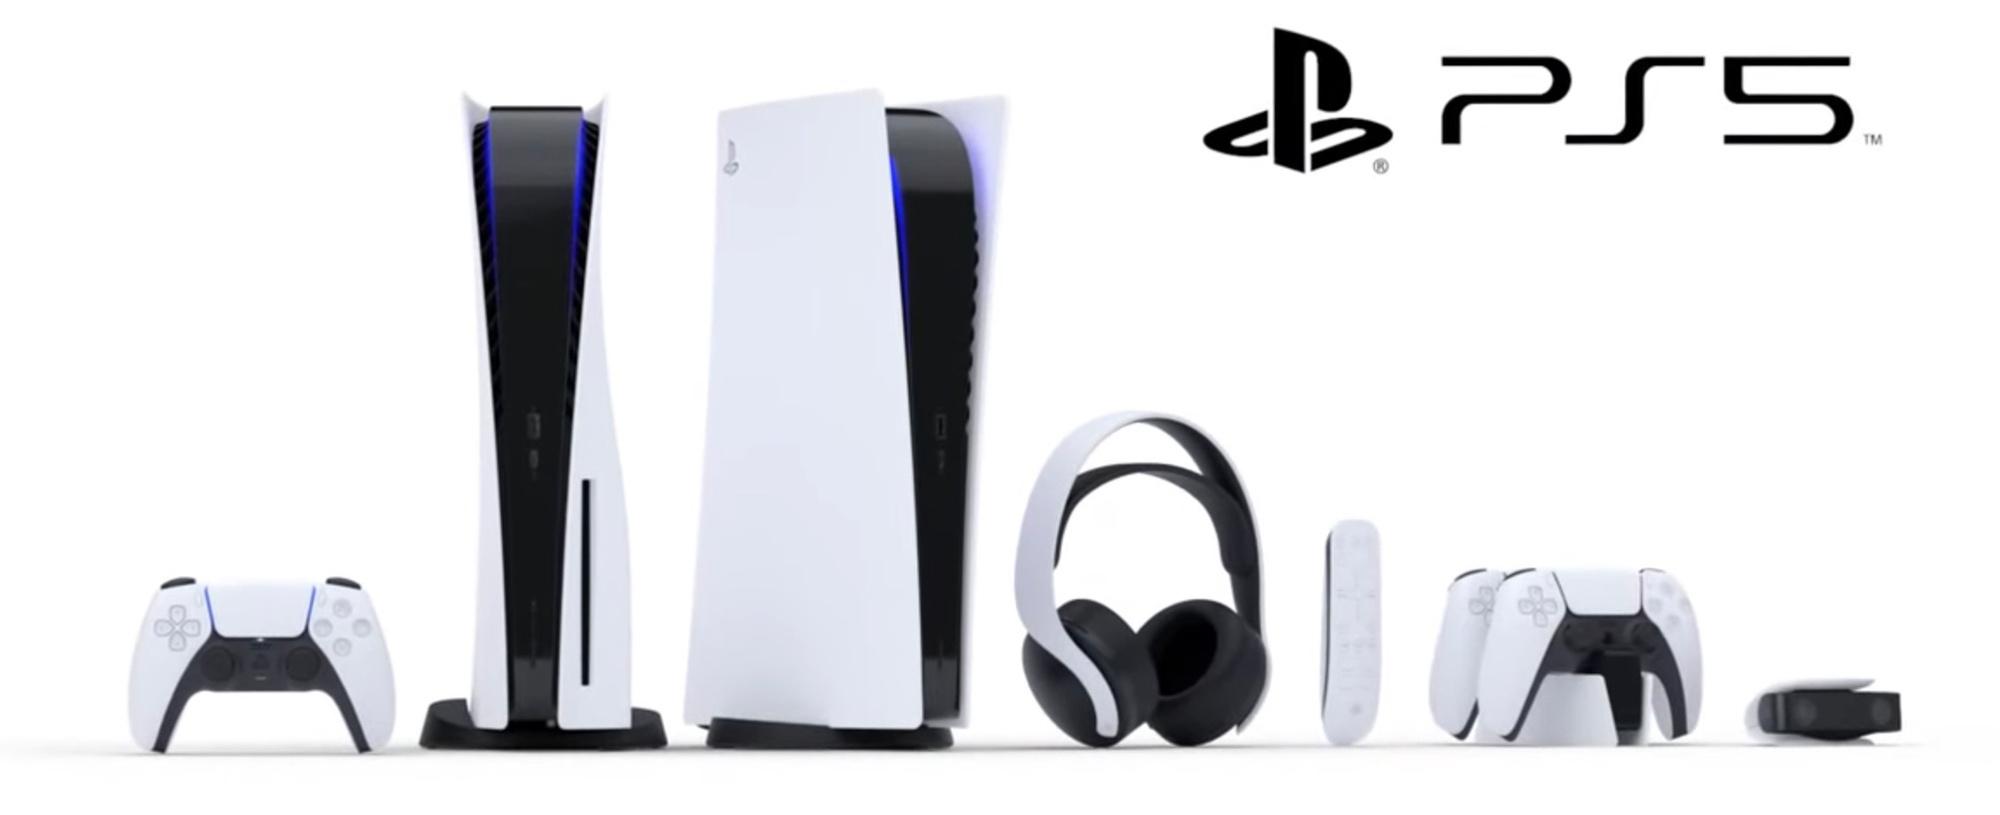 De twee PS5-modellen en de nieuwe accessoires voor de console., Sony PlayStation